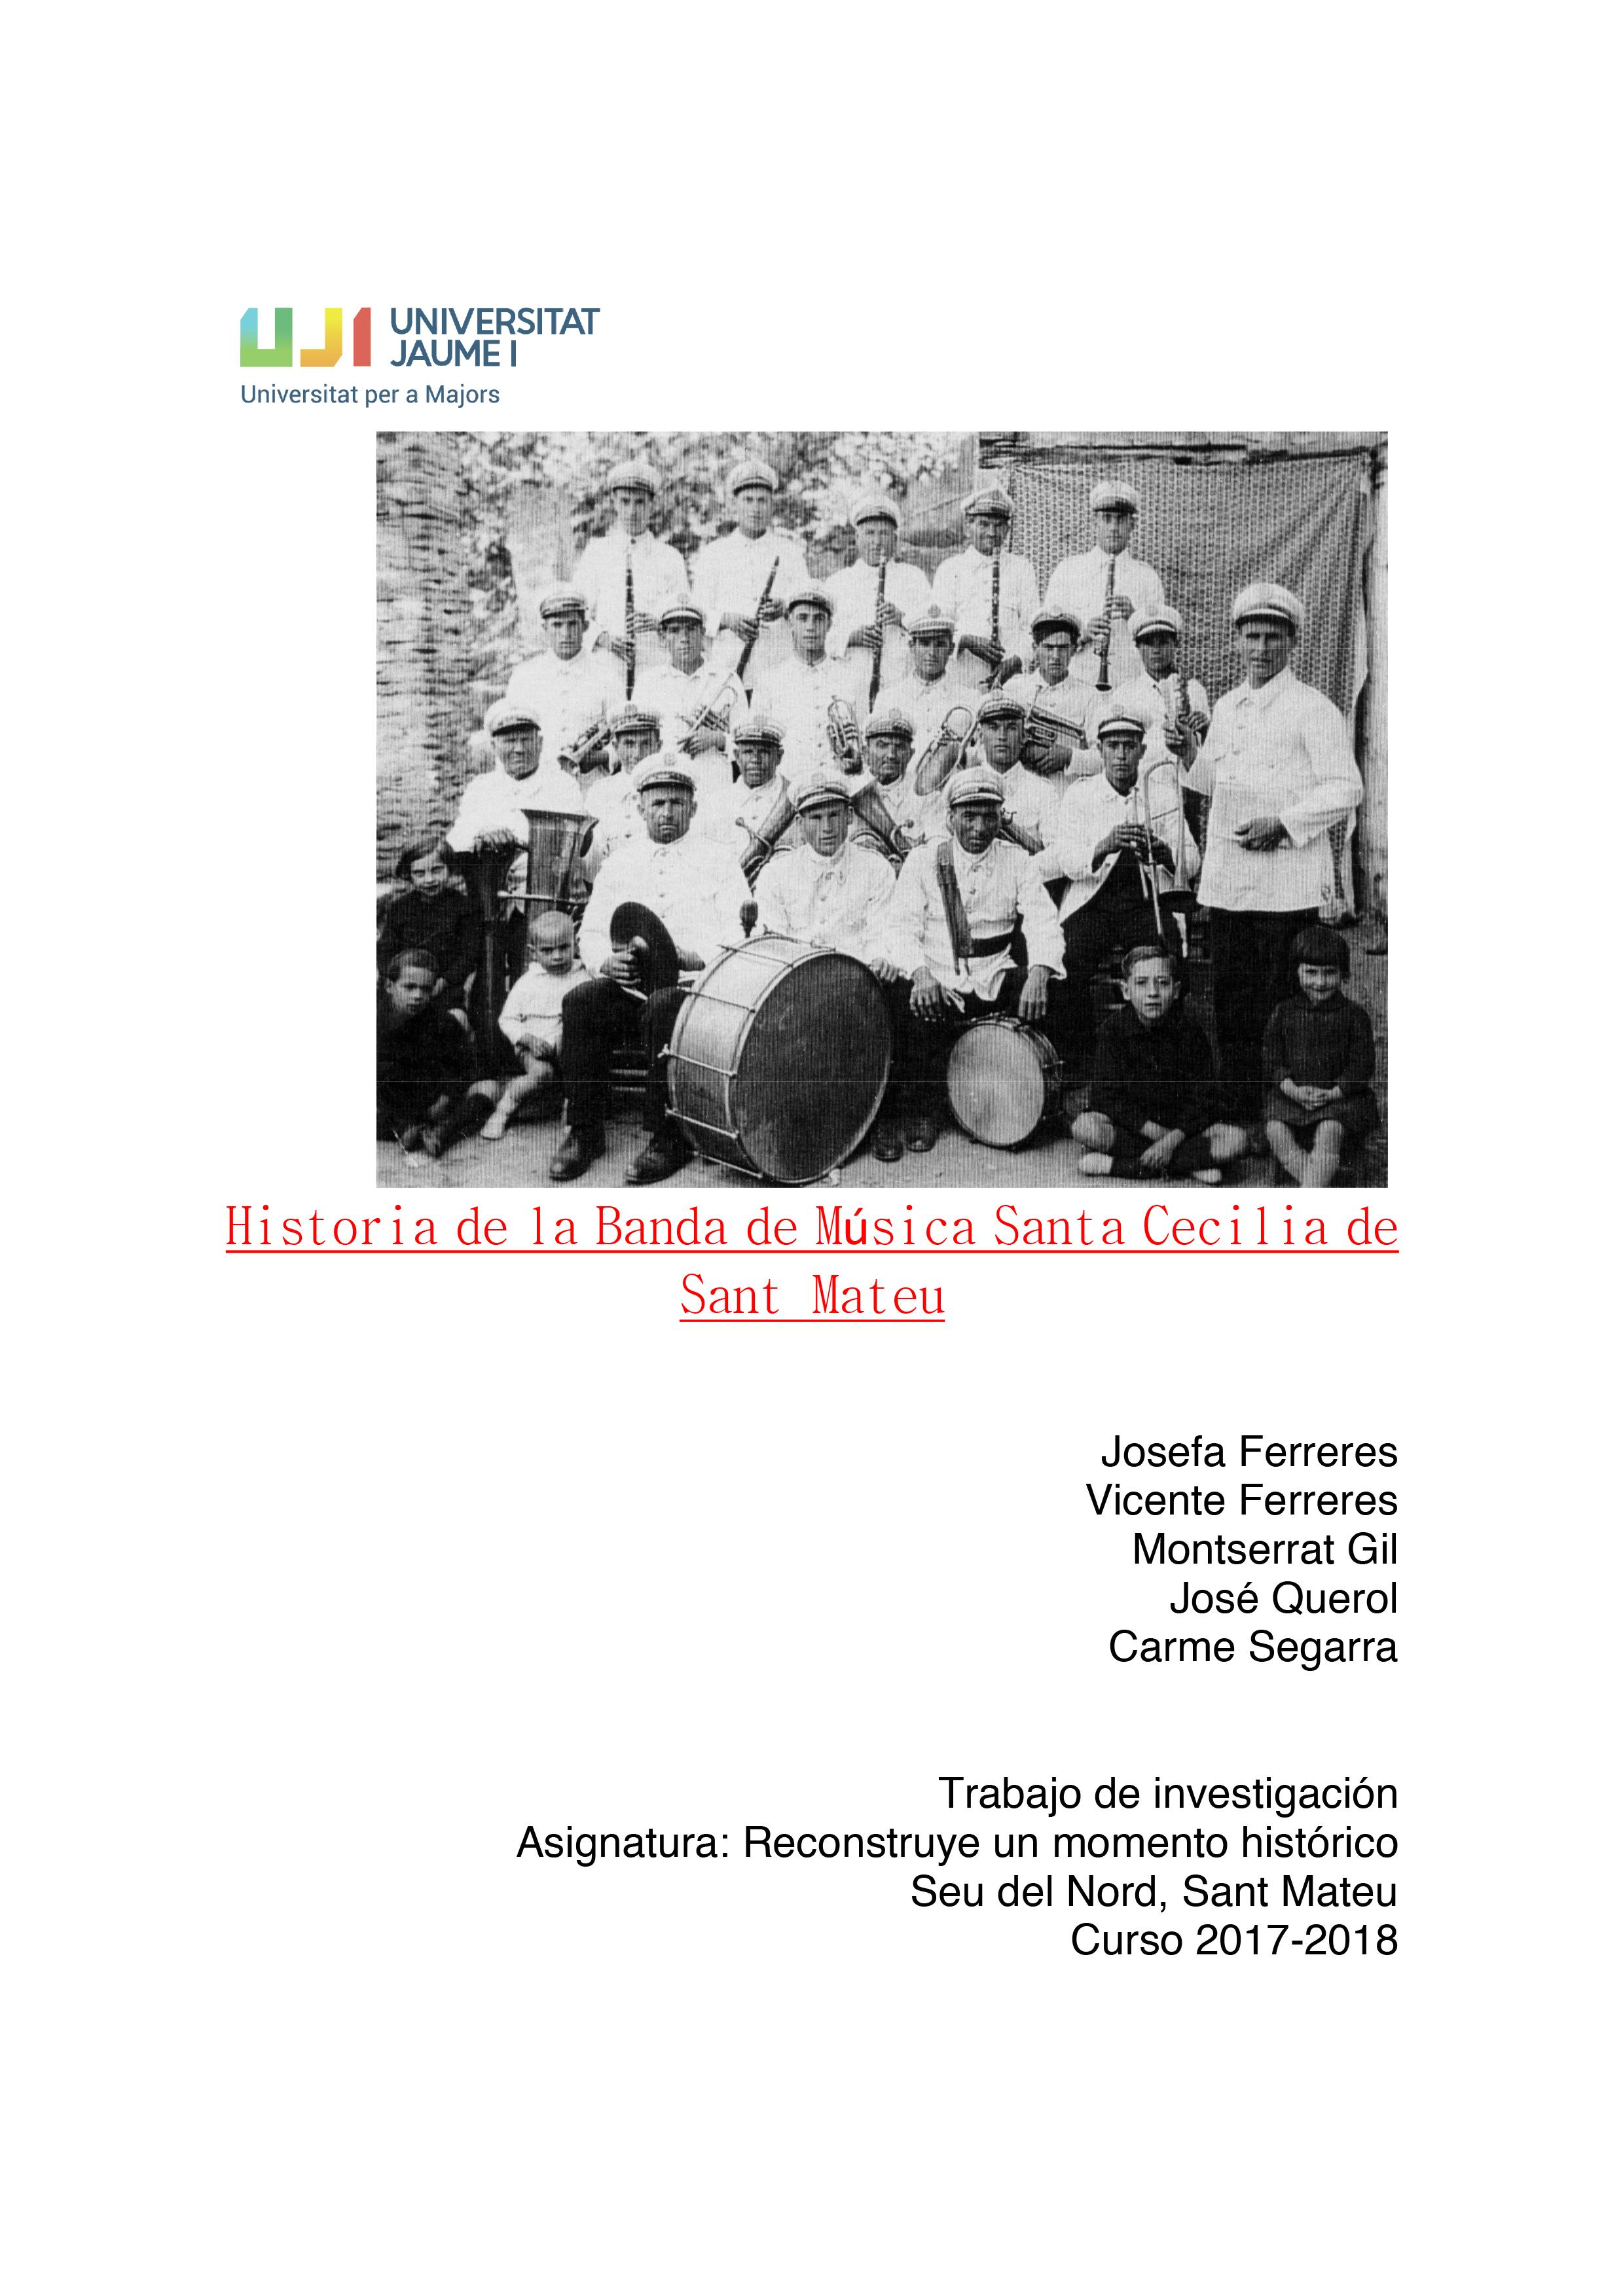 Historia-de-la-Banda-de-música-de-Sant-Mateu.rtf